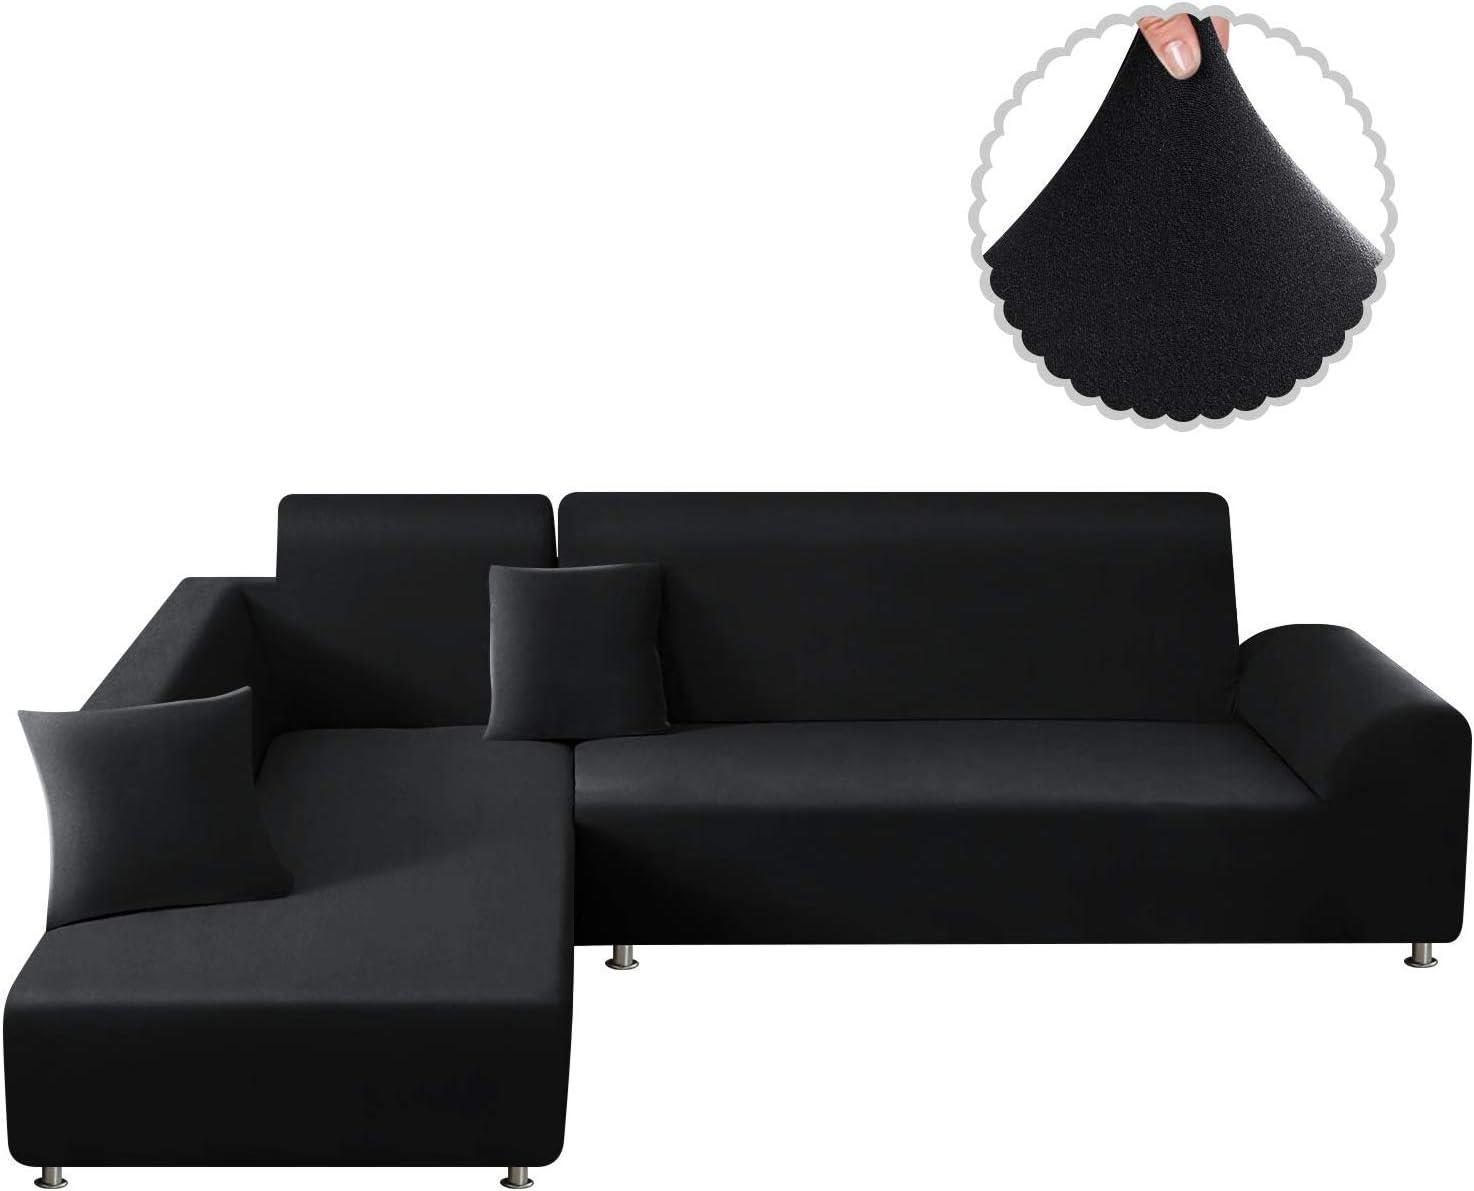 TAOCOCO Funda para sofá Funda para sofá en Forma de L Funda elástica elástica 2 Juegos para 3 Asientos + 3 Asientos, con Funda de cojín de 2 Piezas (Negro)